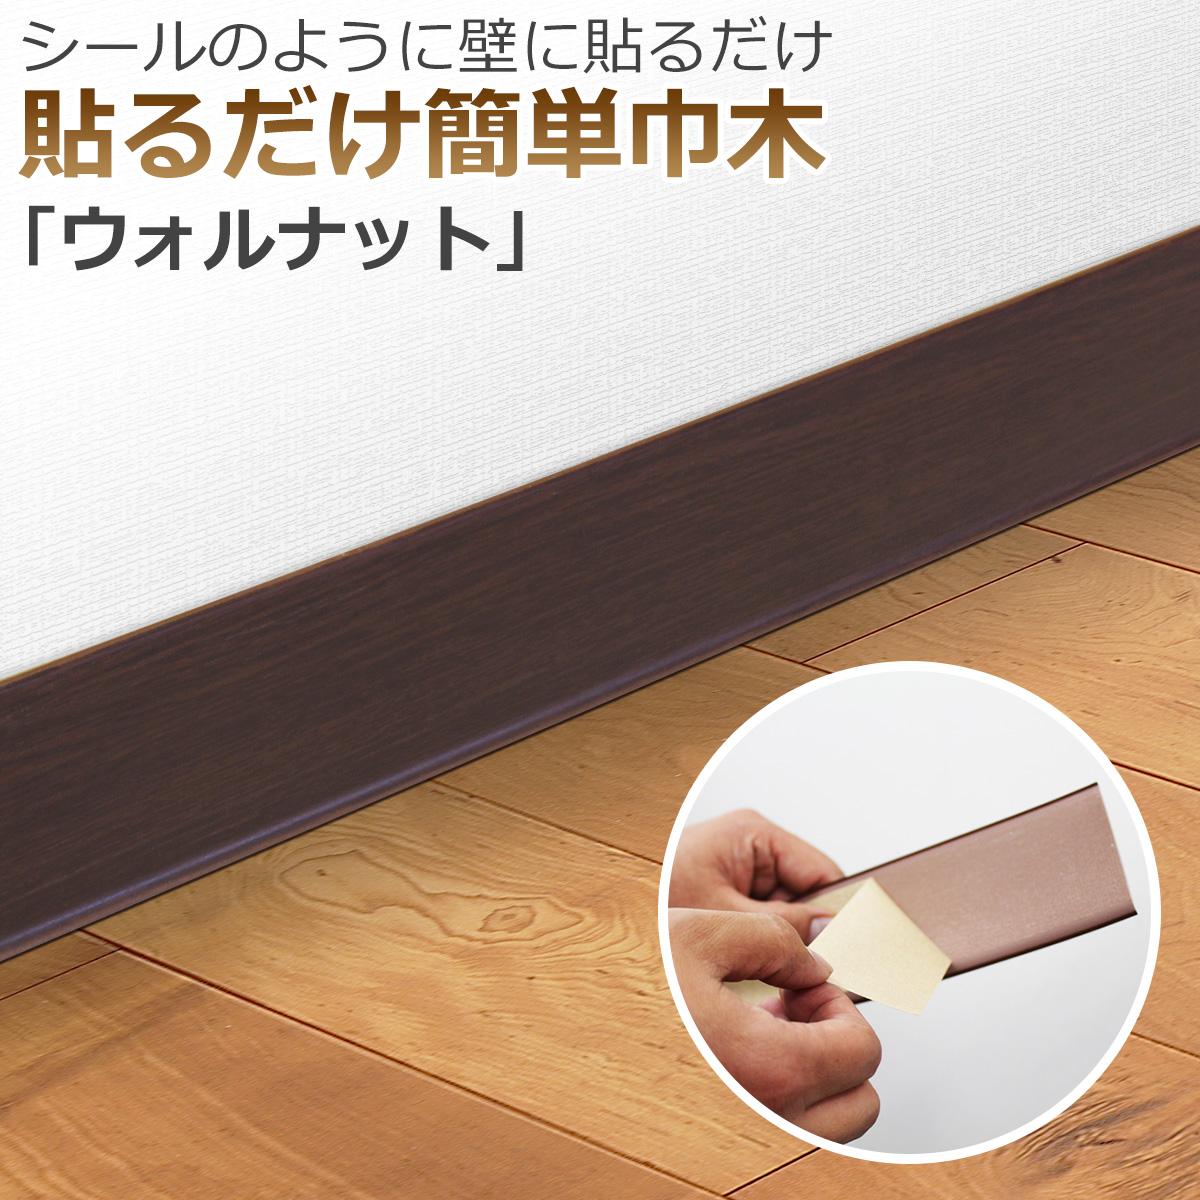 シールのように壁に貼るだけ 貼るだけ簡単巾木「ウォルナット」